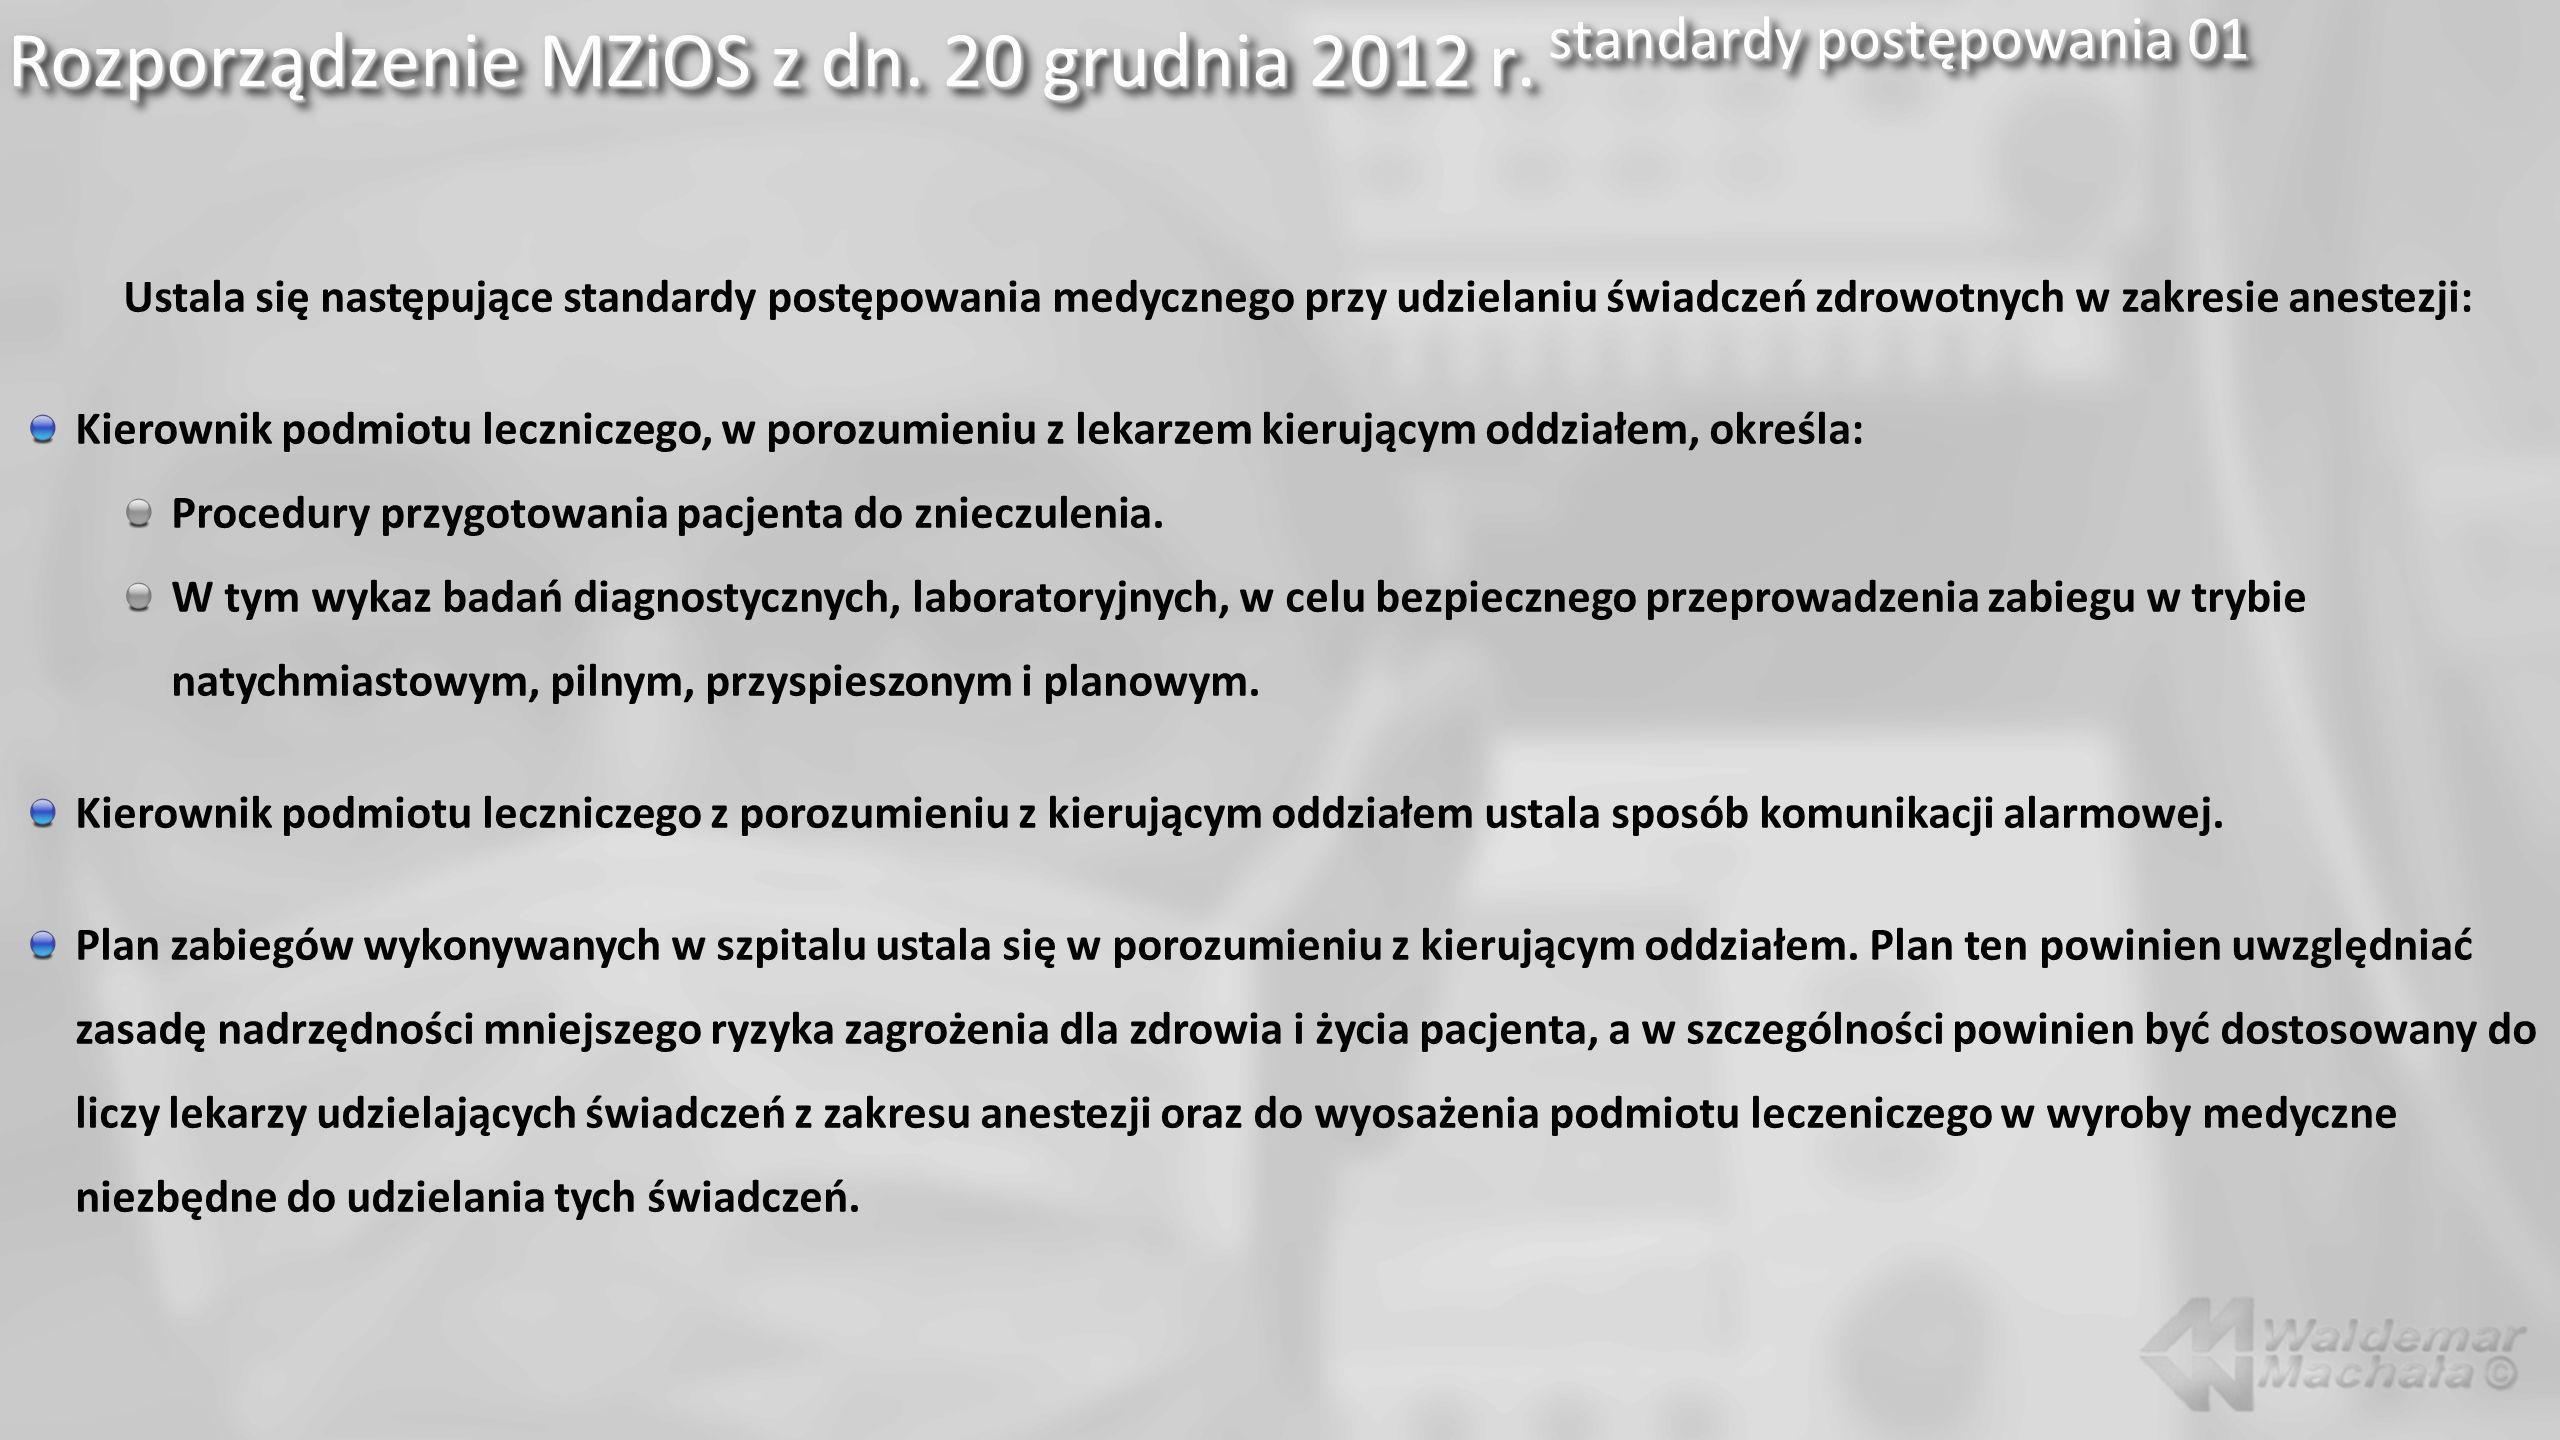 Rozporządzenie MZiOS z dn. 20 grudnia 2012 r. standardy postępowania 01